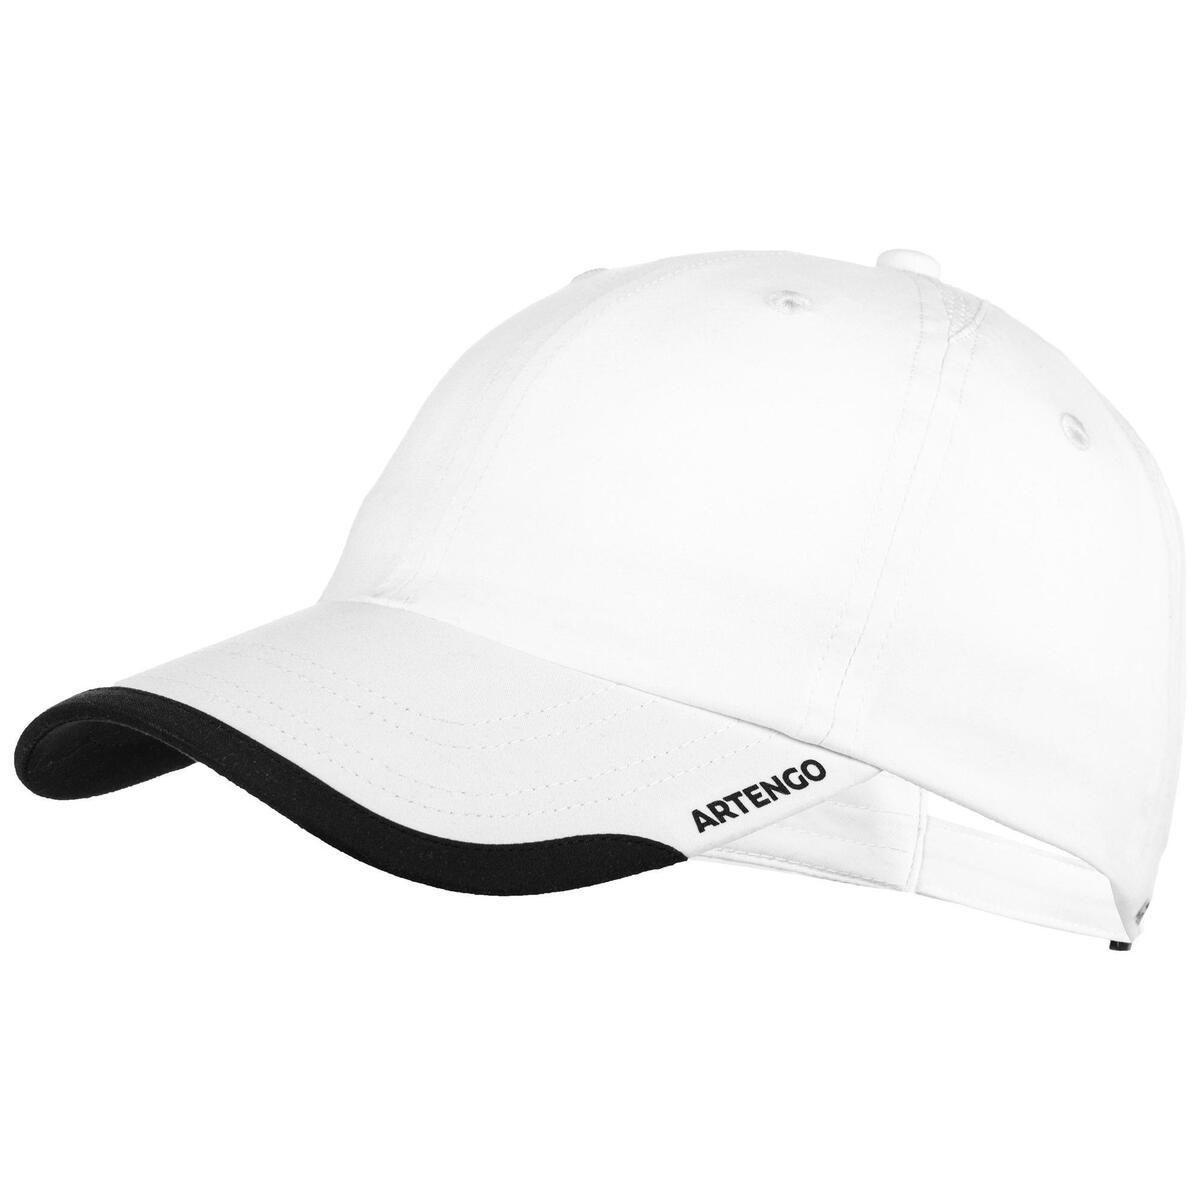 Bild 2 von Schirmmütze Tennis-Cap TC 100 flexibel Gr. 58 weiss